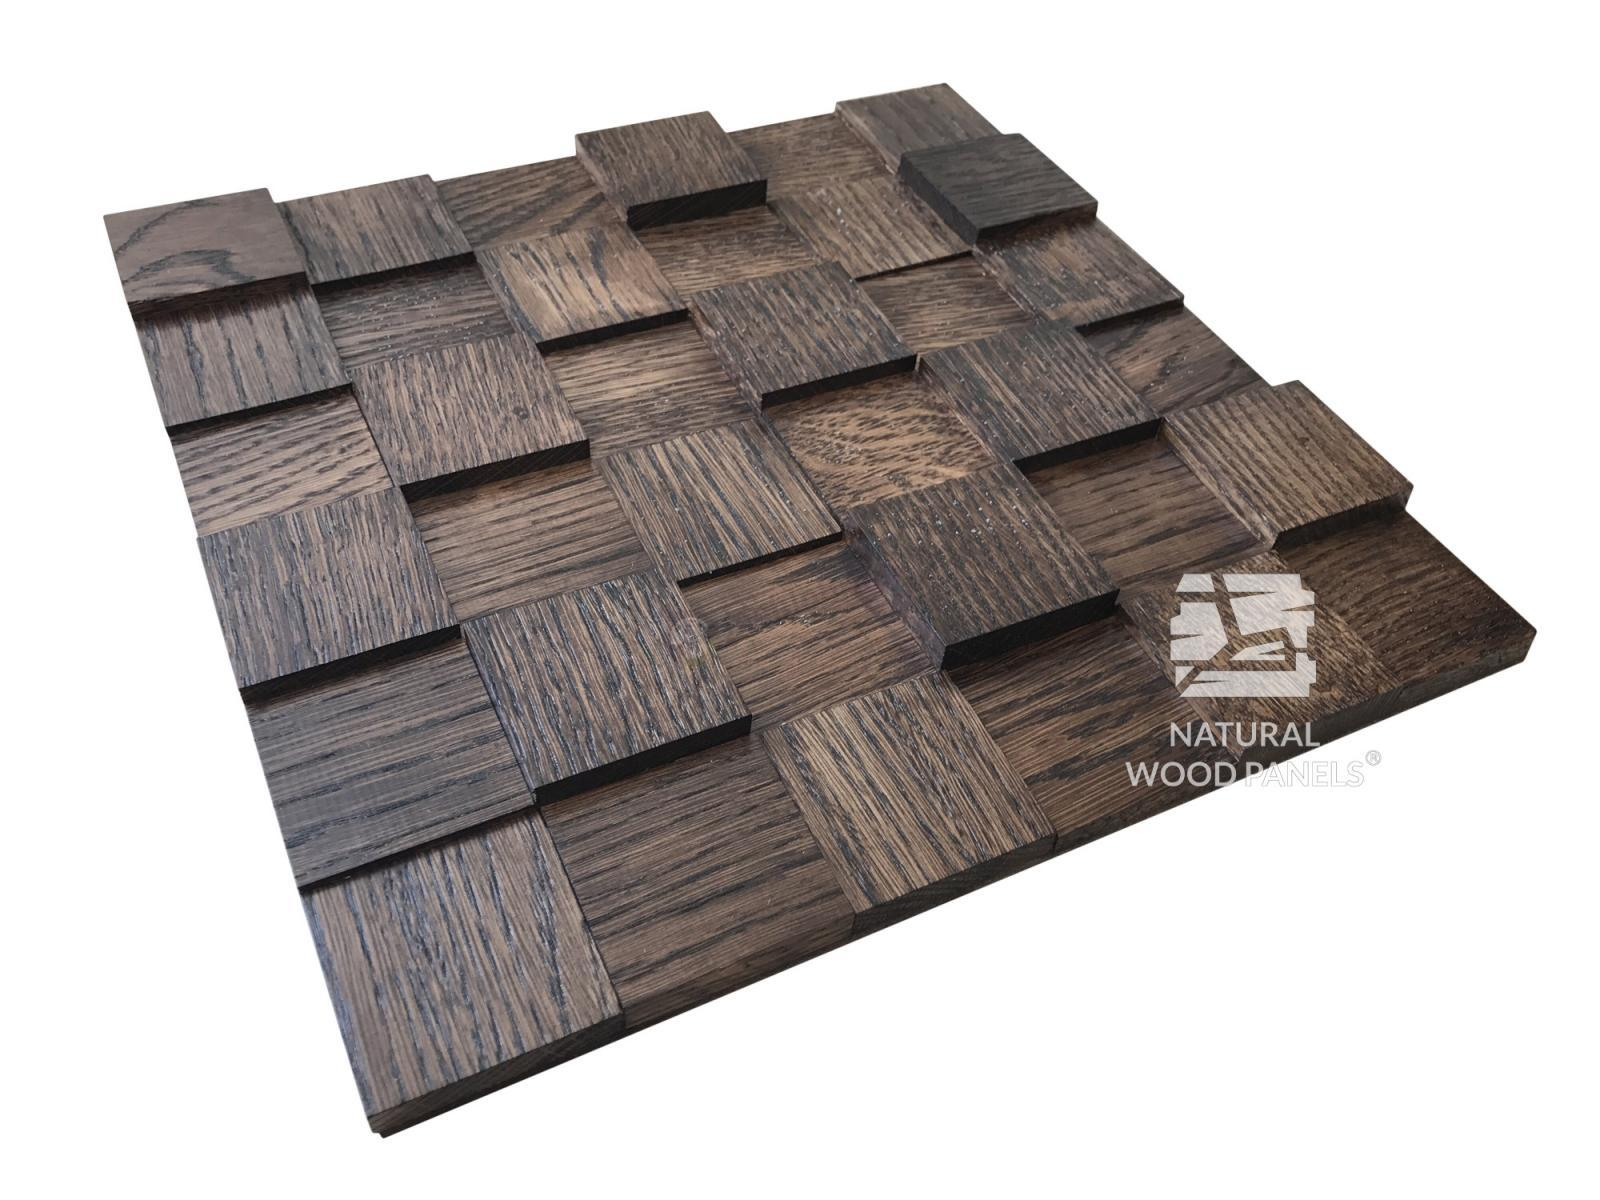 Natural Wood Panels - kostka